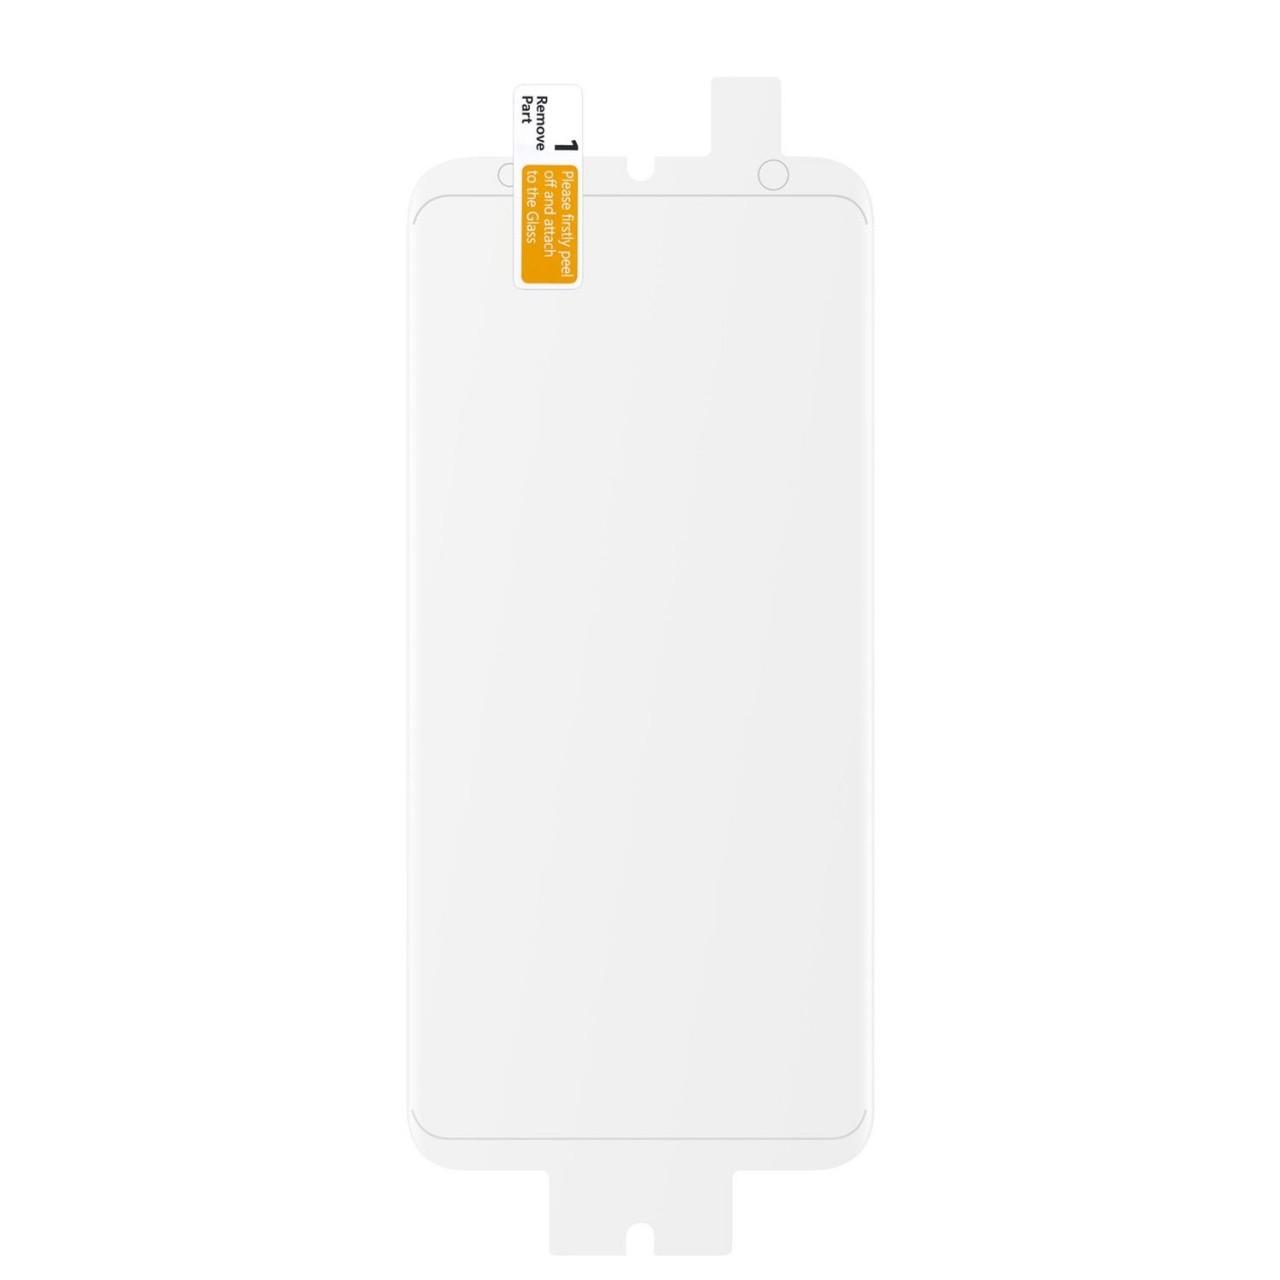 Samsung ET-FG965CTEGWW protezione per schermo Telefono cellulare/smartphone 2 pezzo(i)